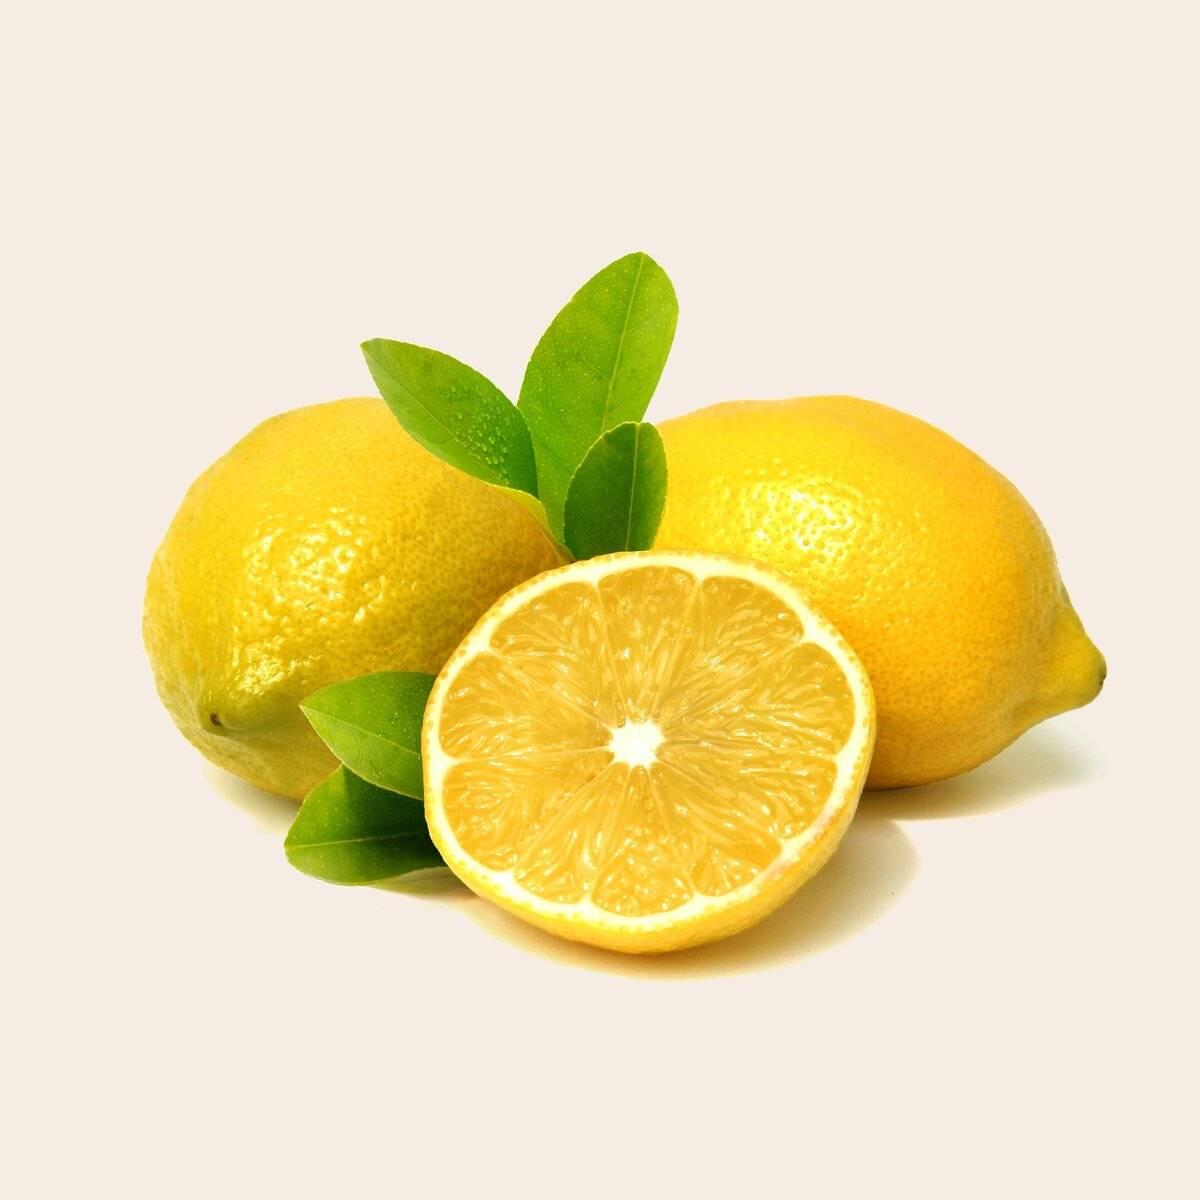 В каких продуктах есть витамин с?